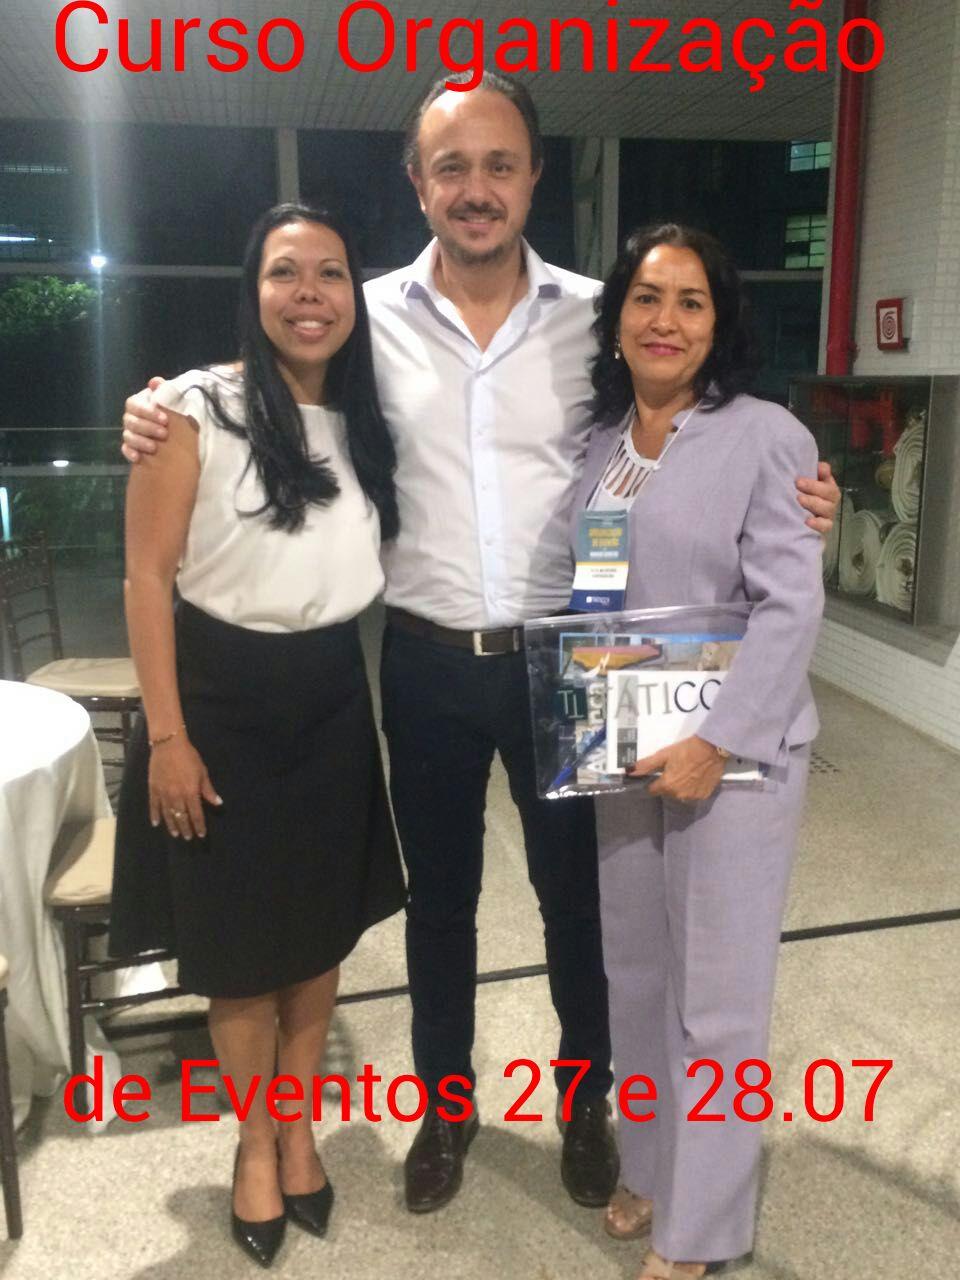 Curso Organização de Eventos,27 e 28.07.2017